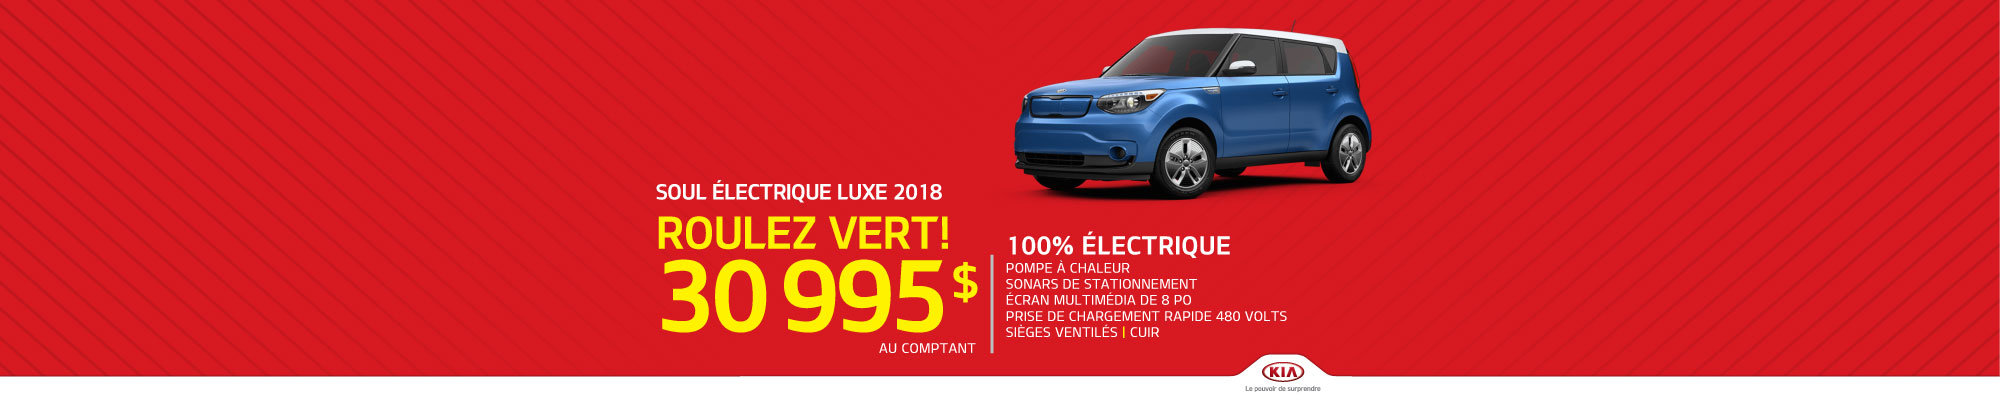 La Kia Soul Électrique Luxe 2018 - Roulez vert!